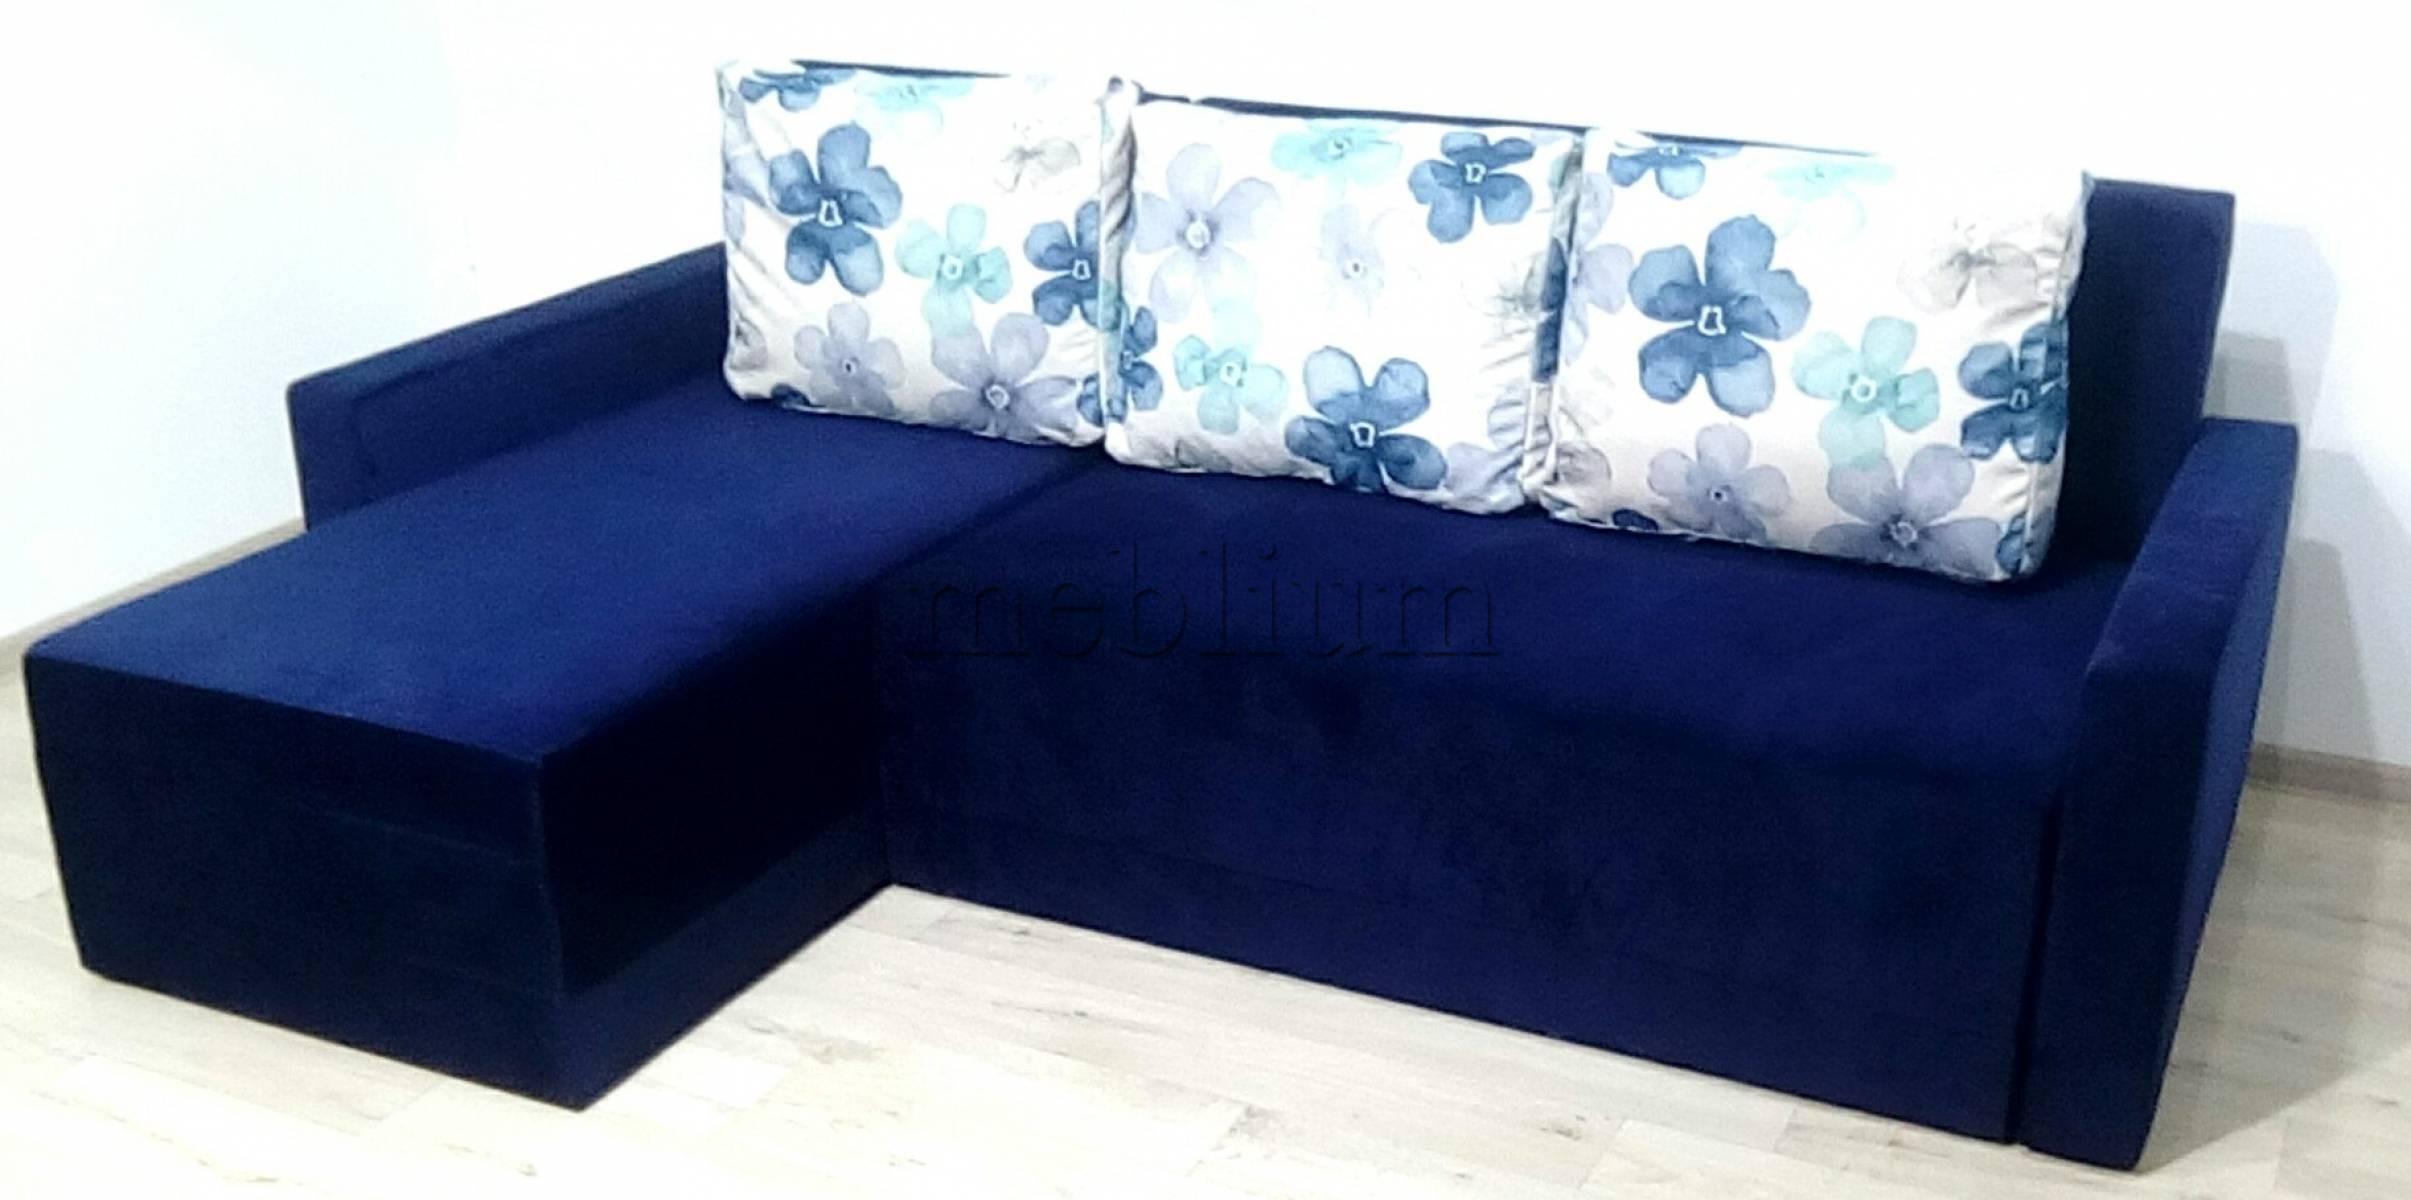 Угловой диван Эко универсал -64 Ткань: Lira_34_Akvarel_08_sinij